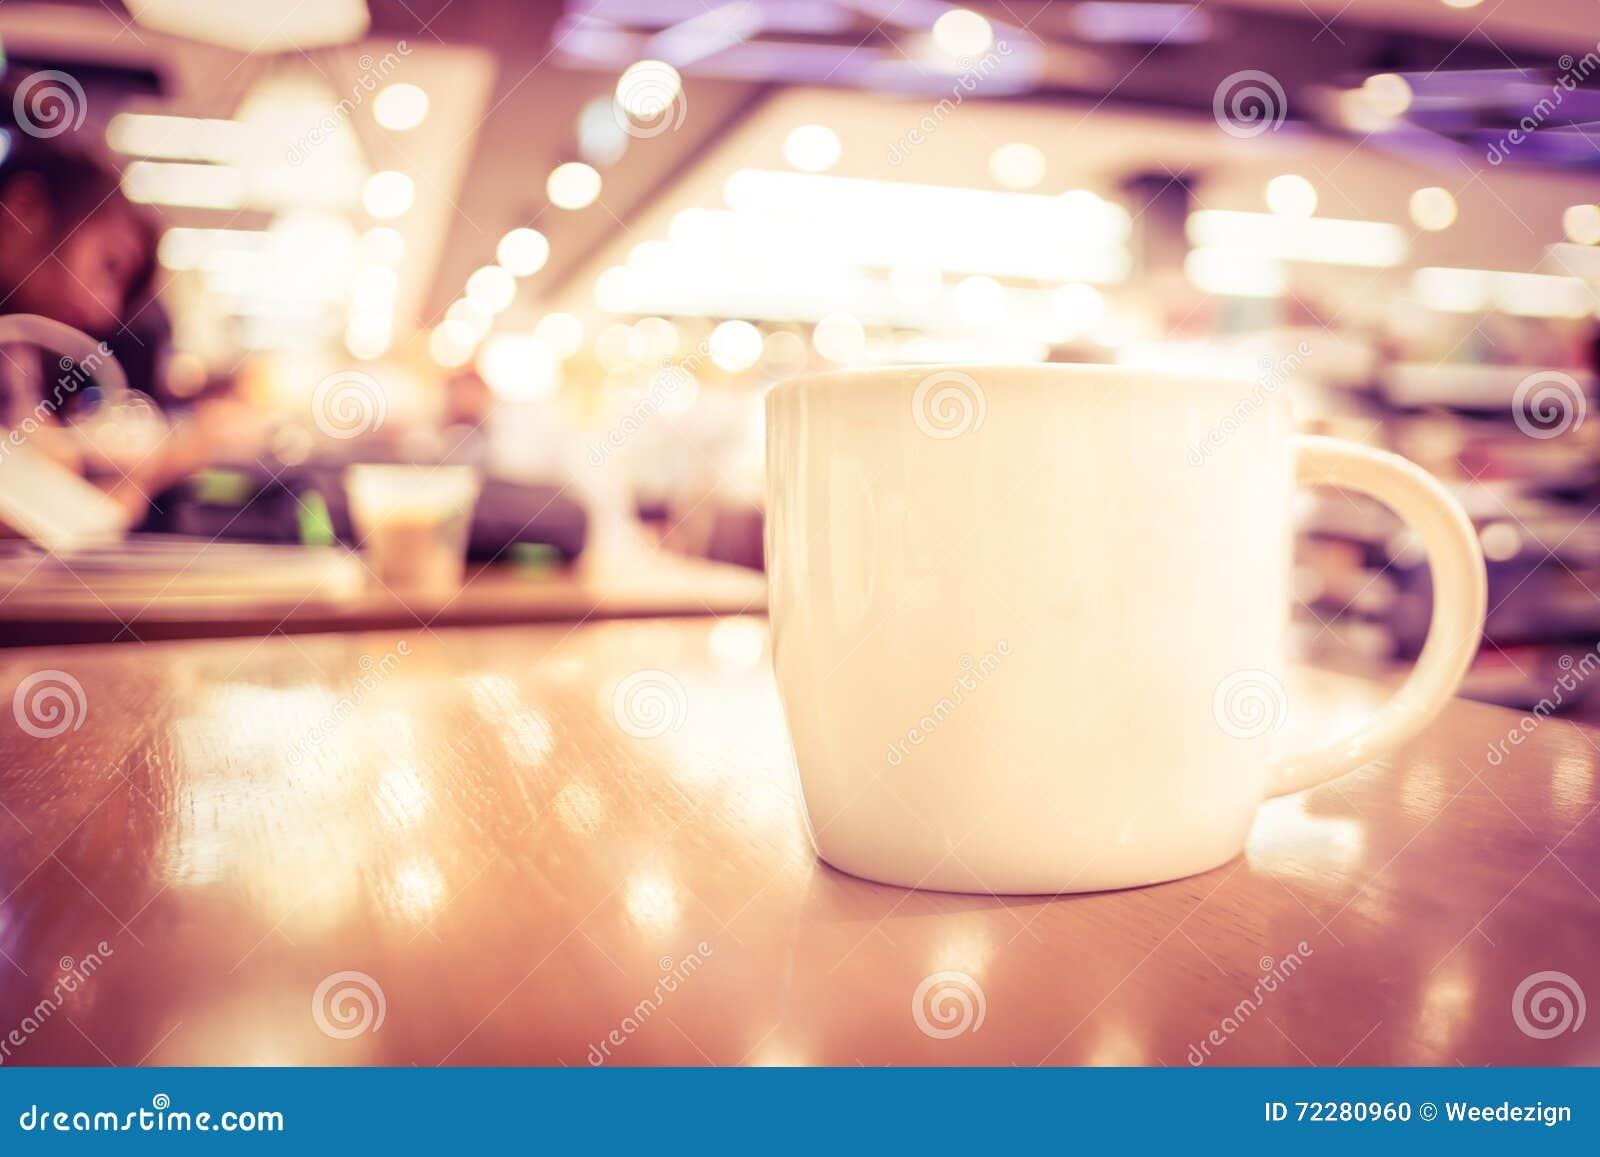 Download Винтажный фильтр, белая кофейная чашка на деревянной таблице с запачканным кафем Стоковое Фото - изображение насчитывающей кофеин, меню: 72280960